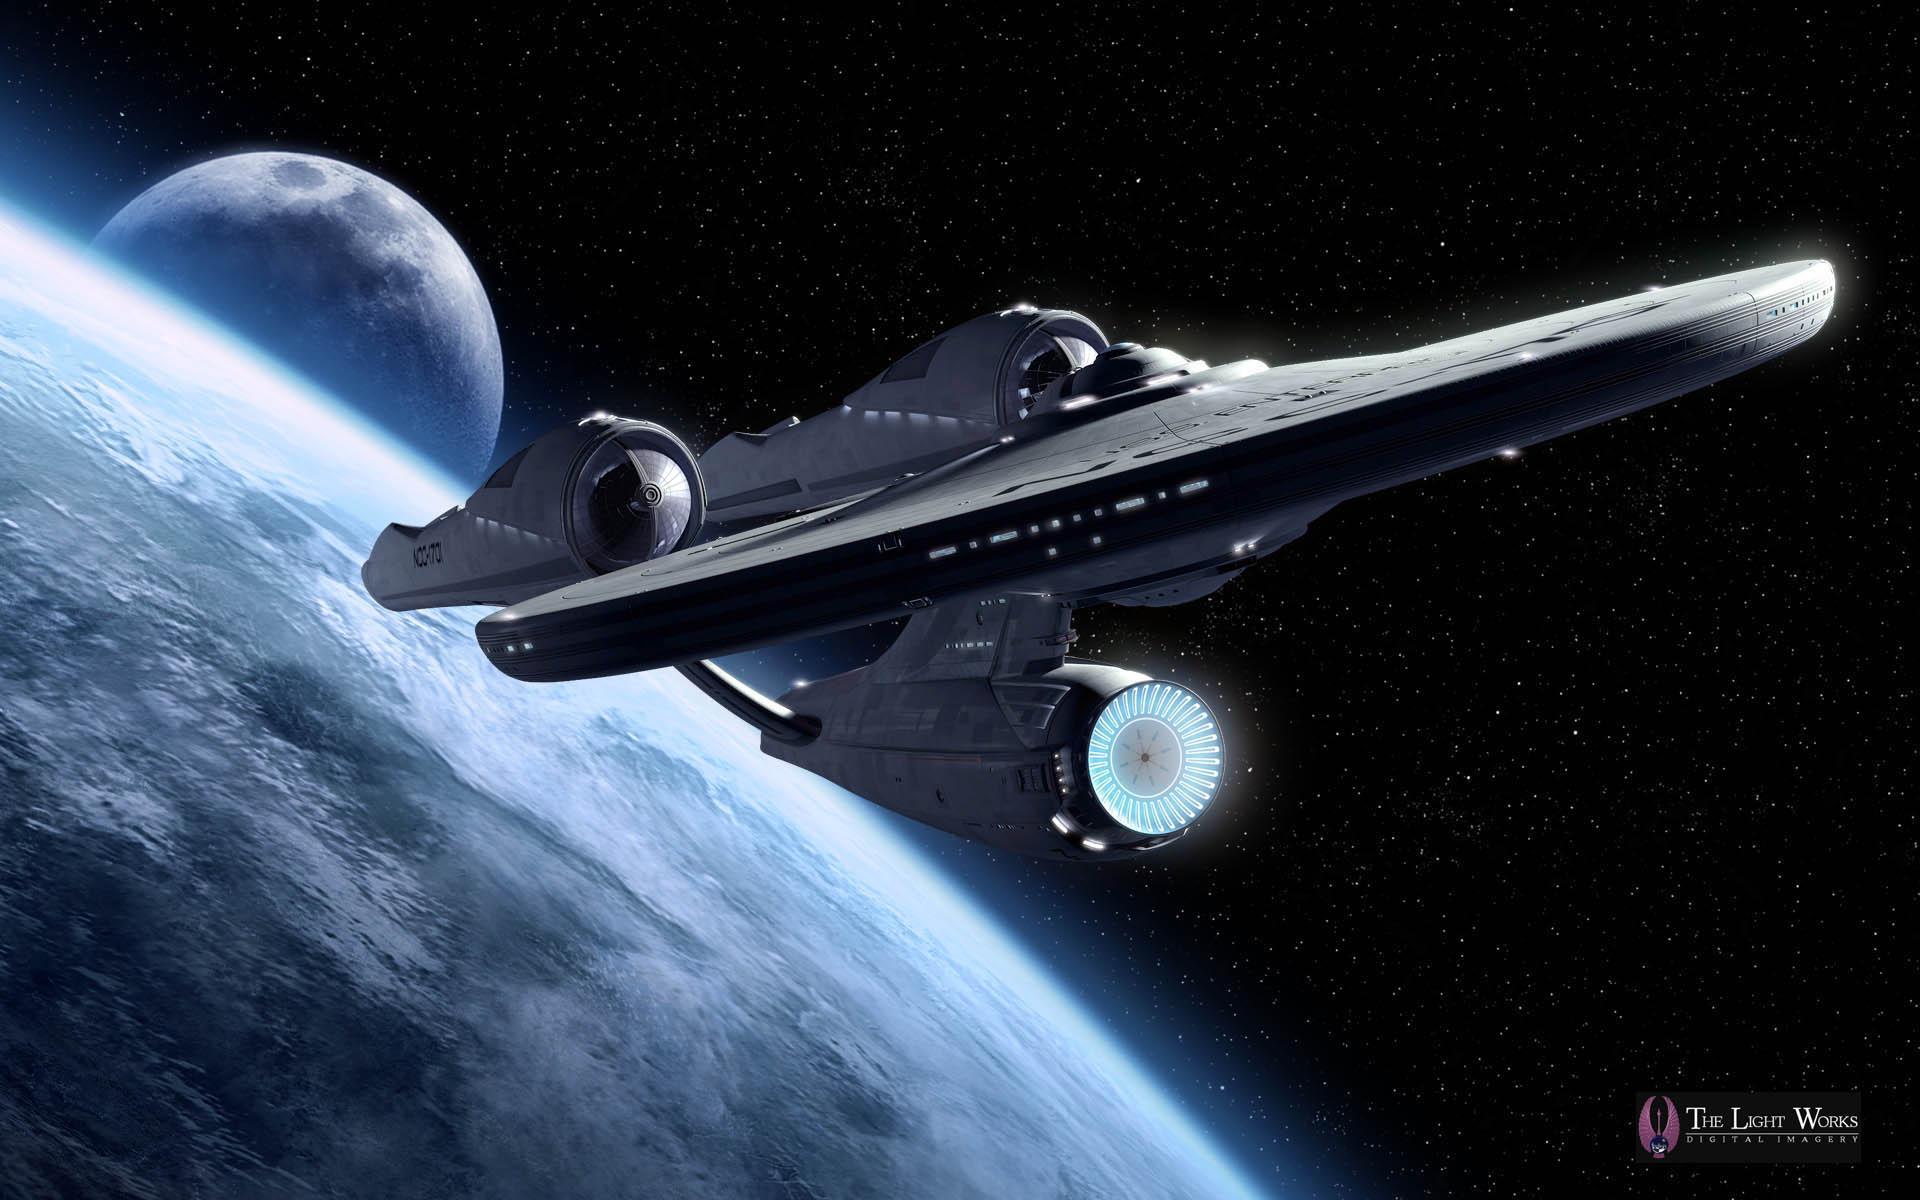 http://www.heyuguys.com/images/2011/12/Starship-Enterprise.jpg